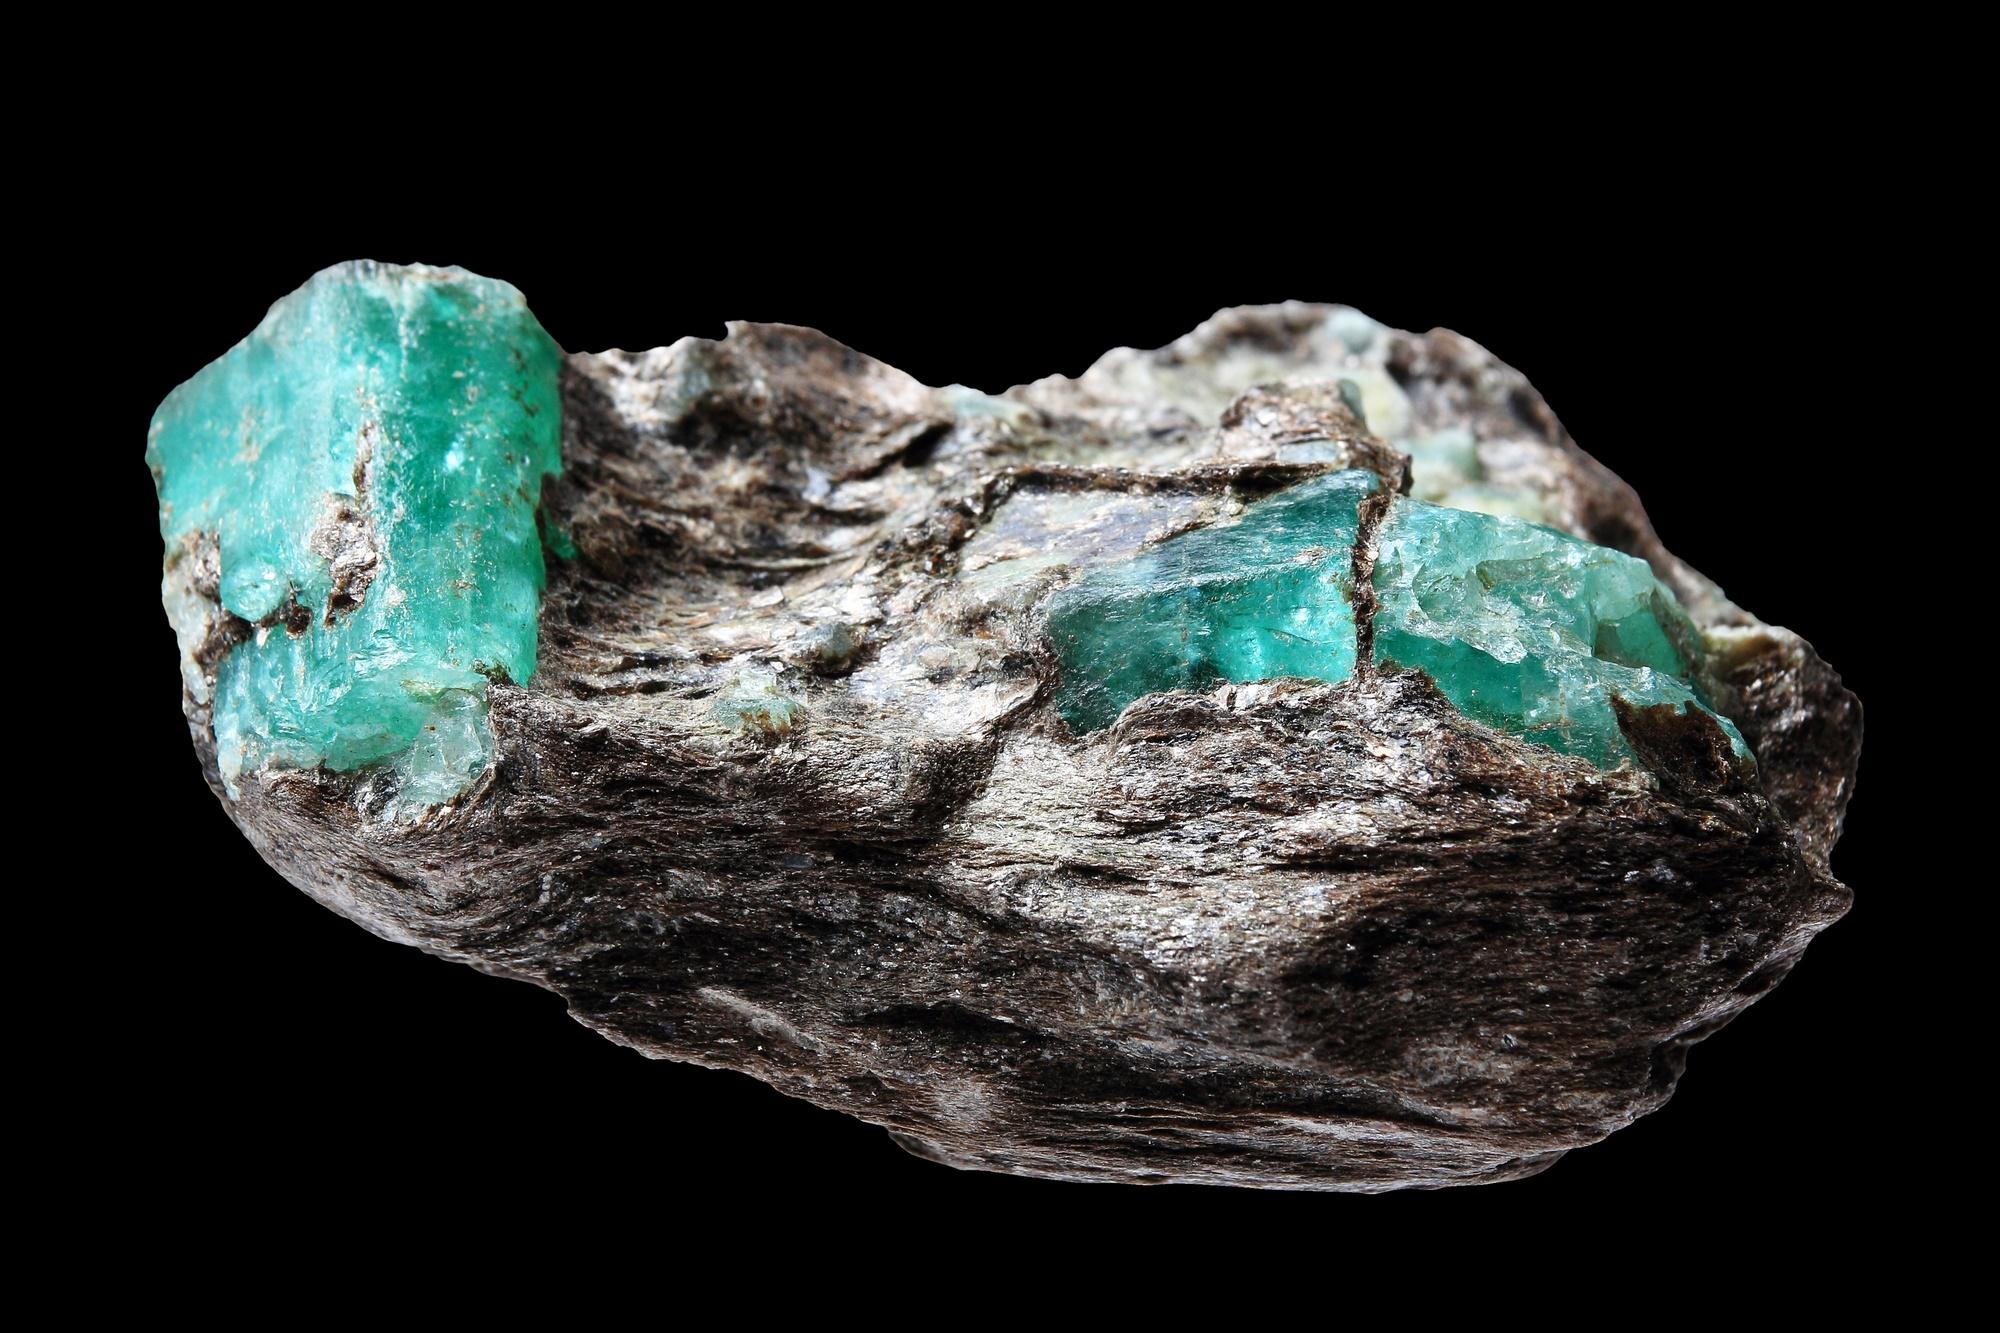 """אמרלד מטריקס, גבישי אמרלד איכותיים בתוך הסלע עליו התגבשו. התמונה ממאגר """"דפוזיט"""" From """"Deposit"""" Photos"""